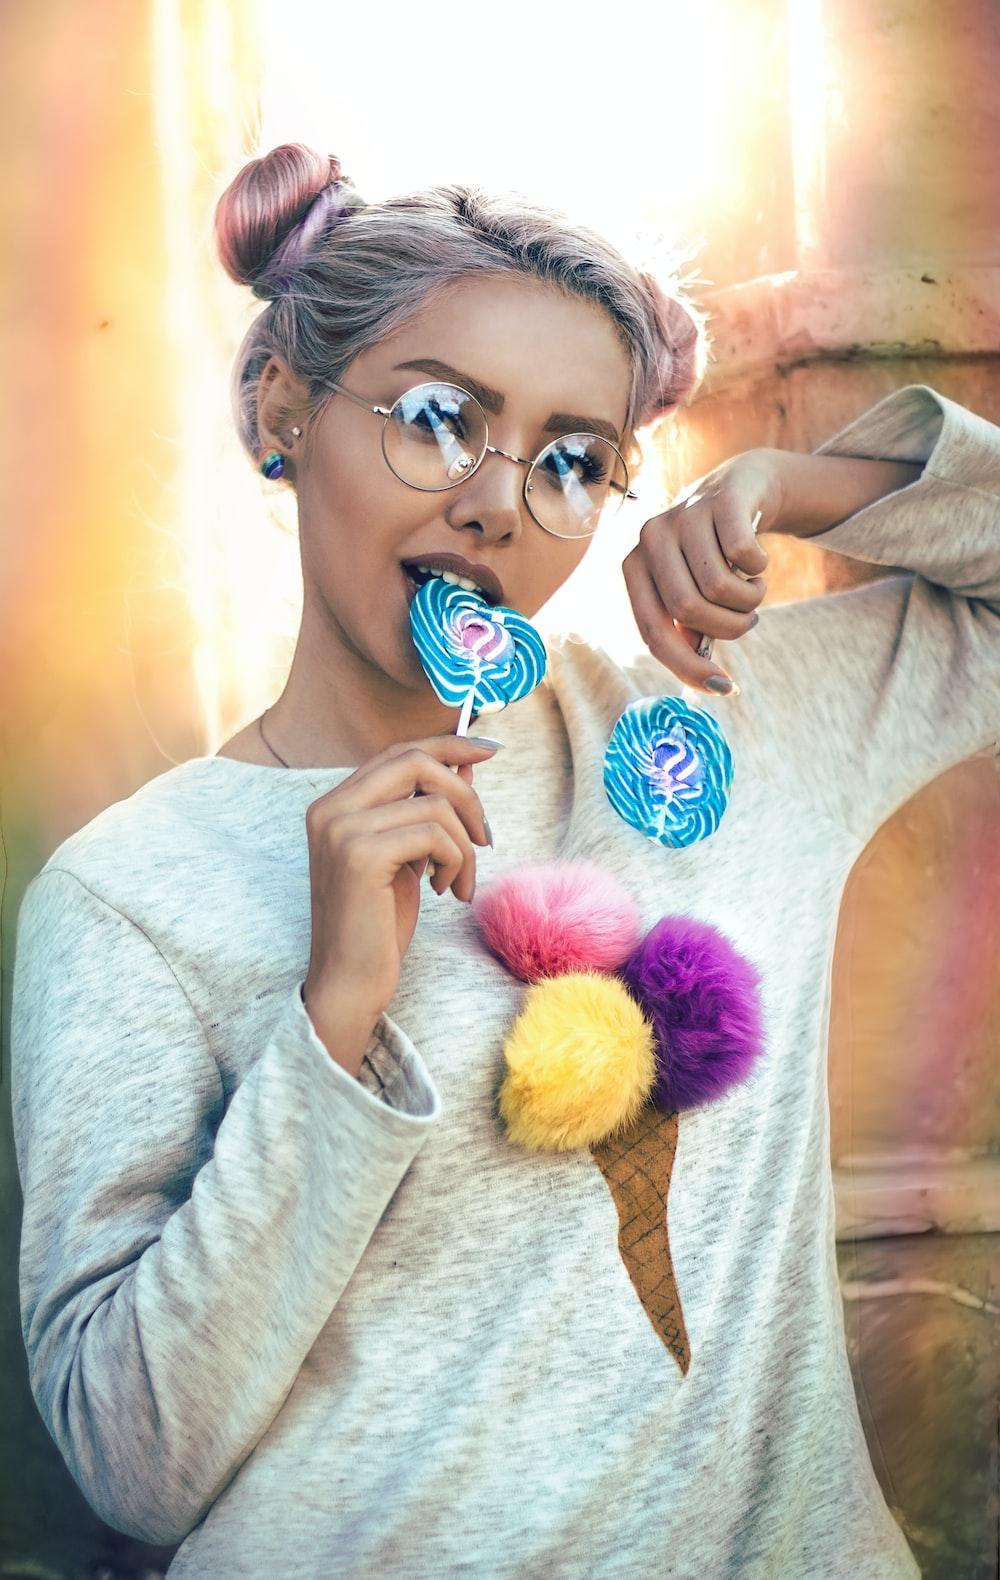 woman eating heart shape swirl lollipop